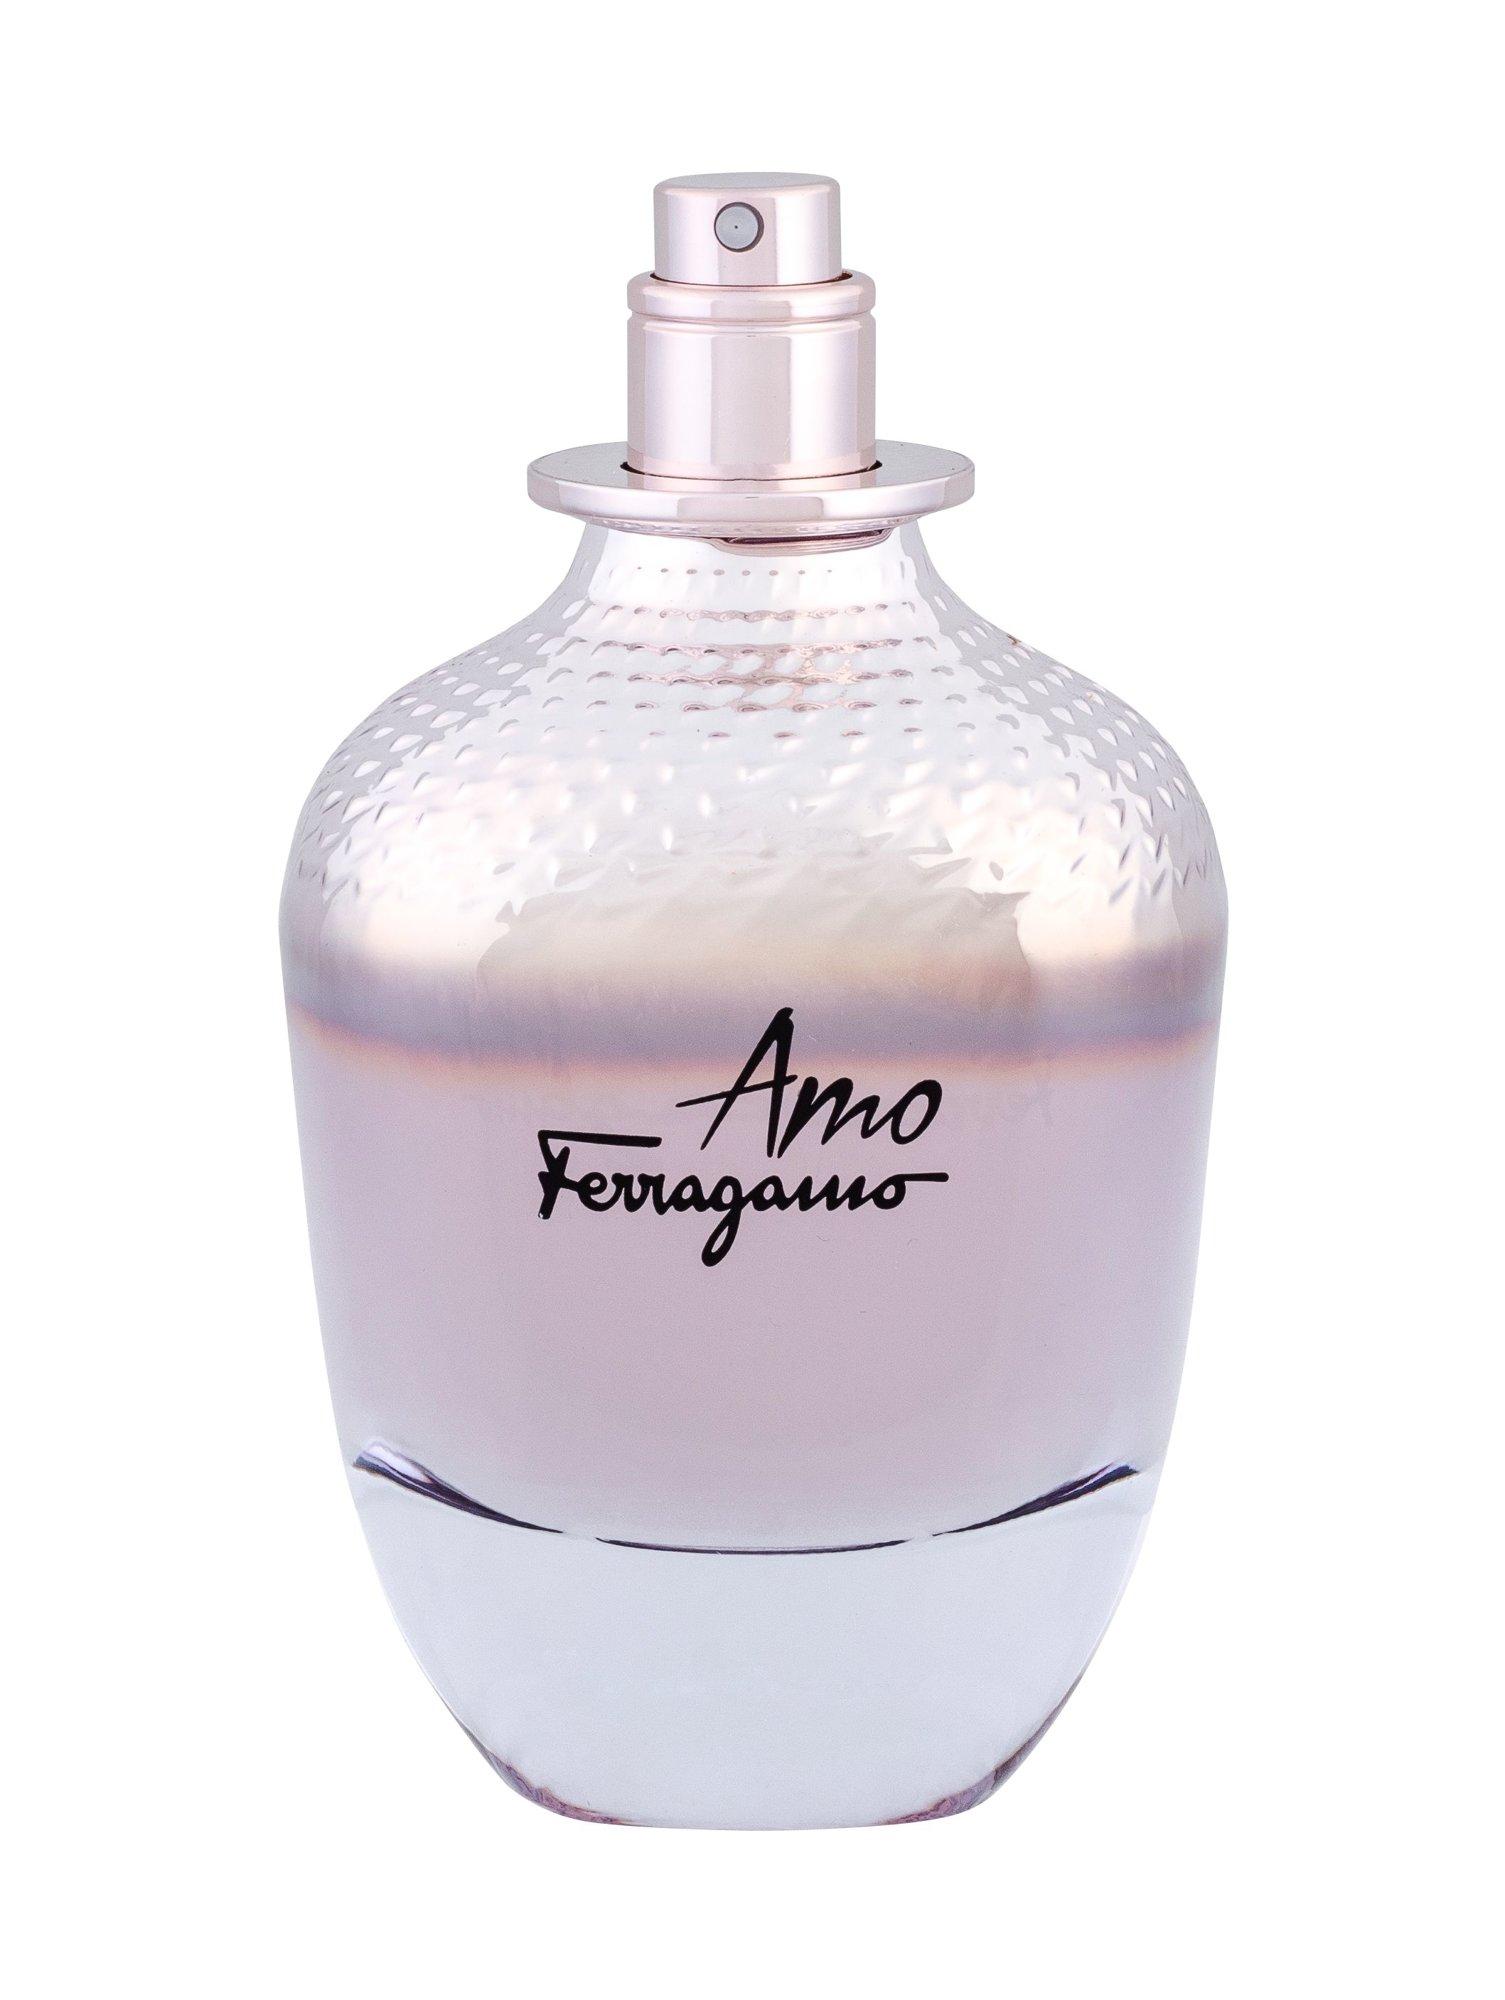 Salvatore Ferragamo Amo Ferragamo Eau de Parfum 100ml